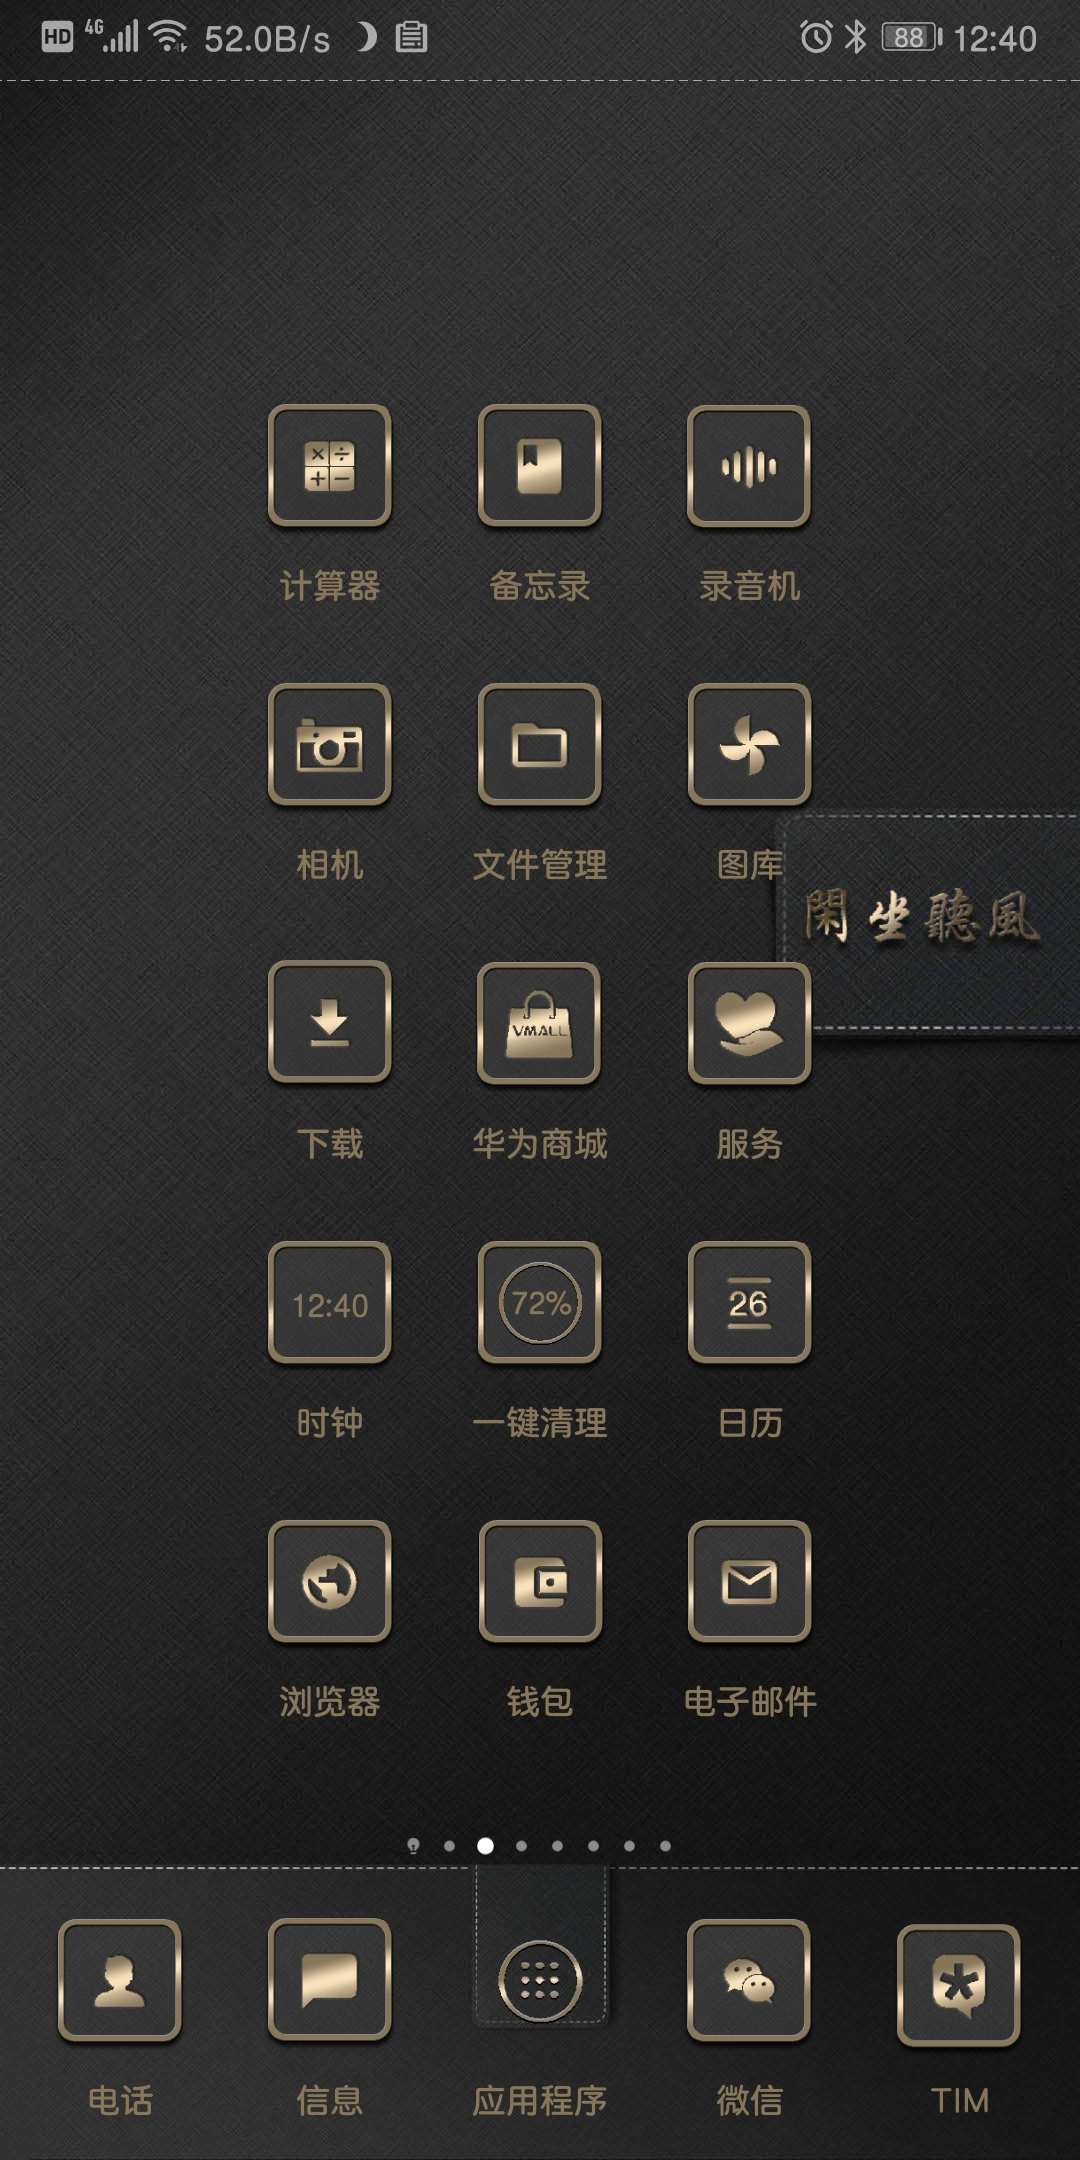 Screenshot_20191126_124046_com.huawei.android.launcher.jpg